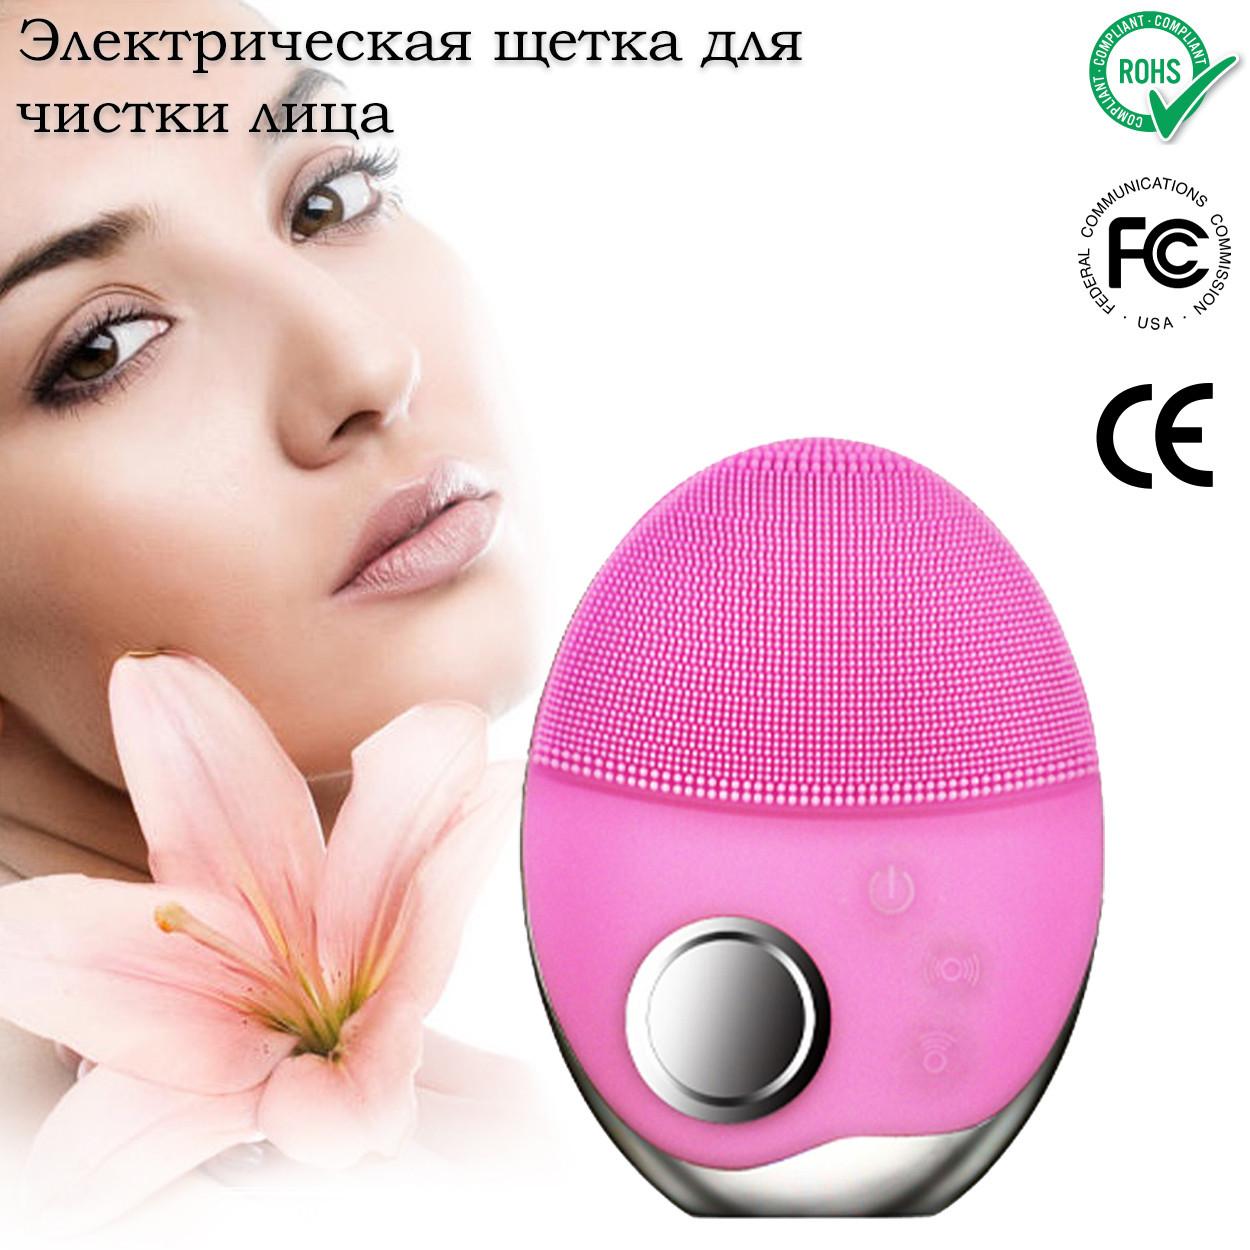 Ультразвуковая щетка для лица Doc-team brush LED щетка силиконовая электрическая для чистки массажа